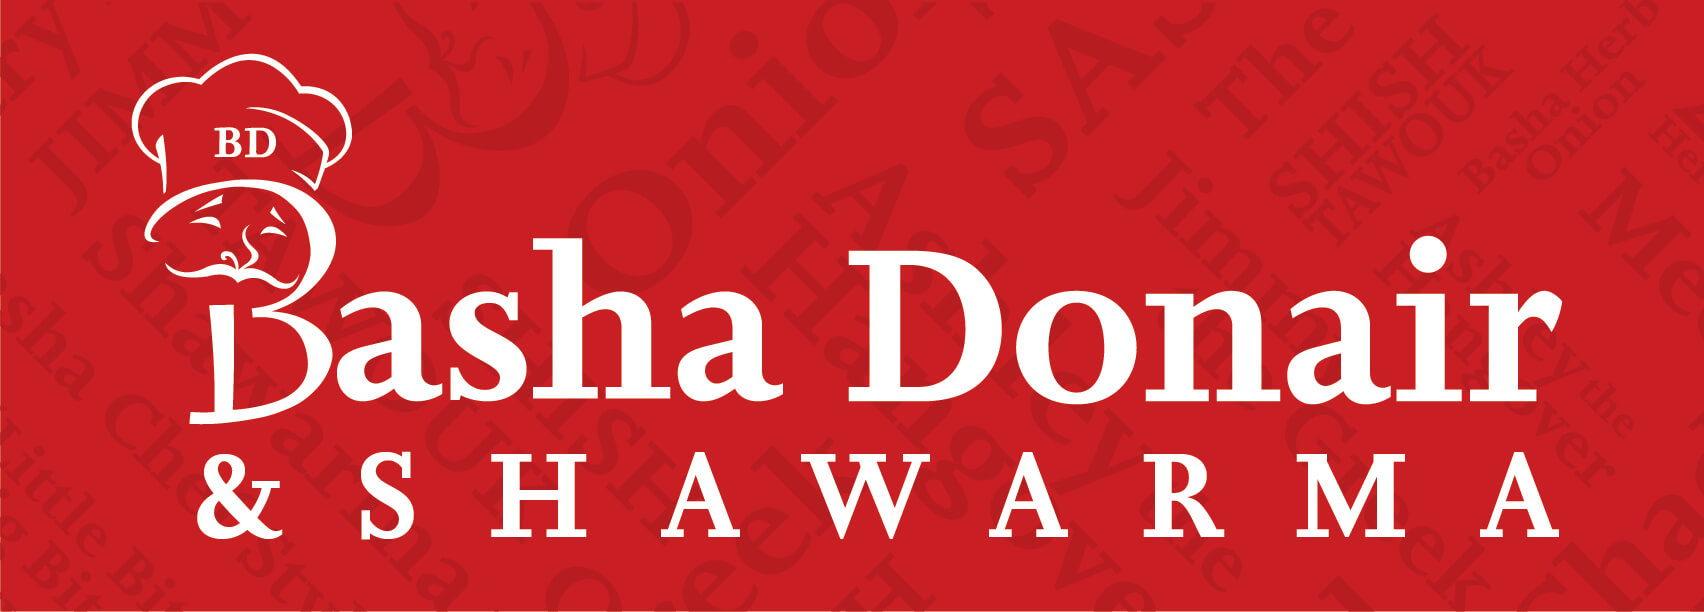 Logo - Basha Donair (75th Street)